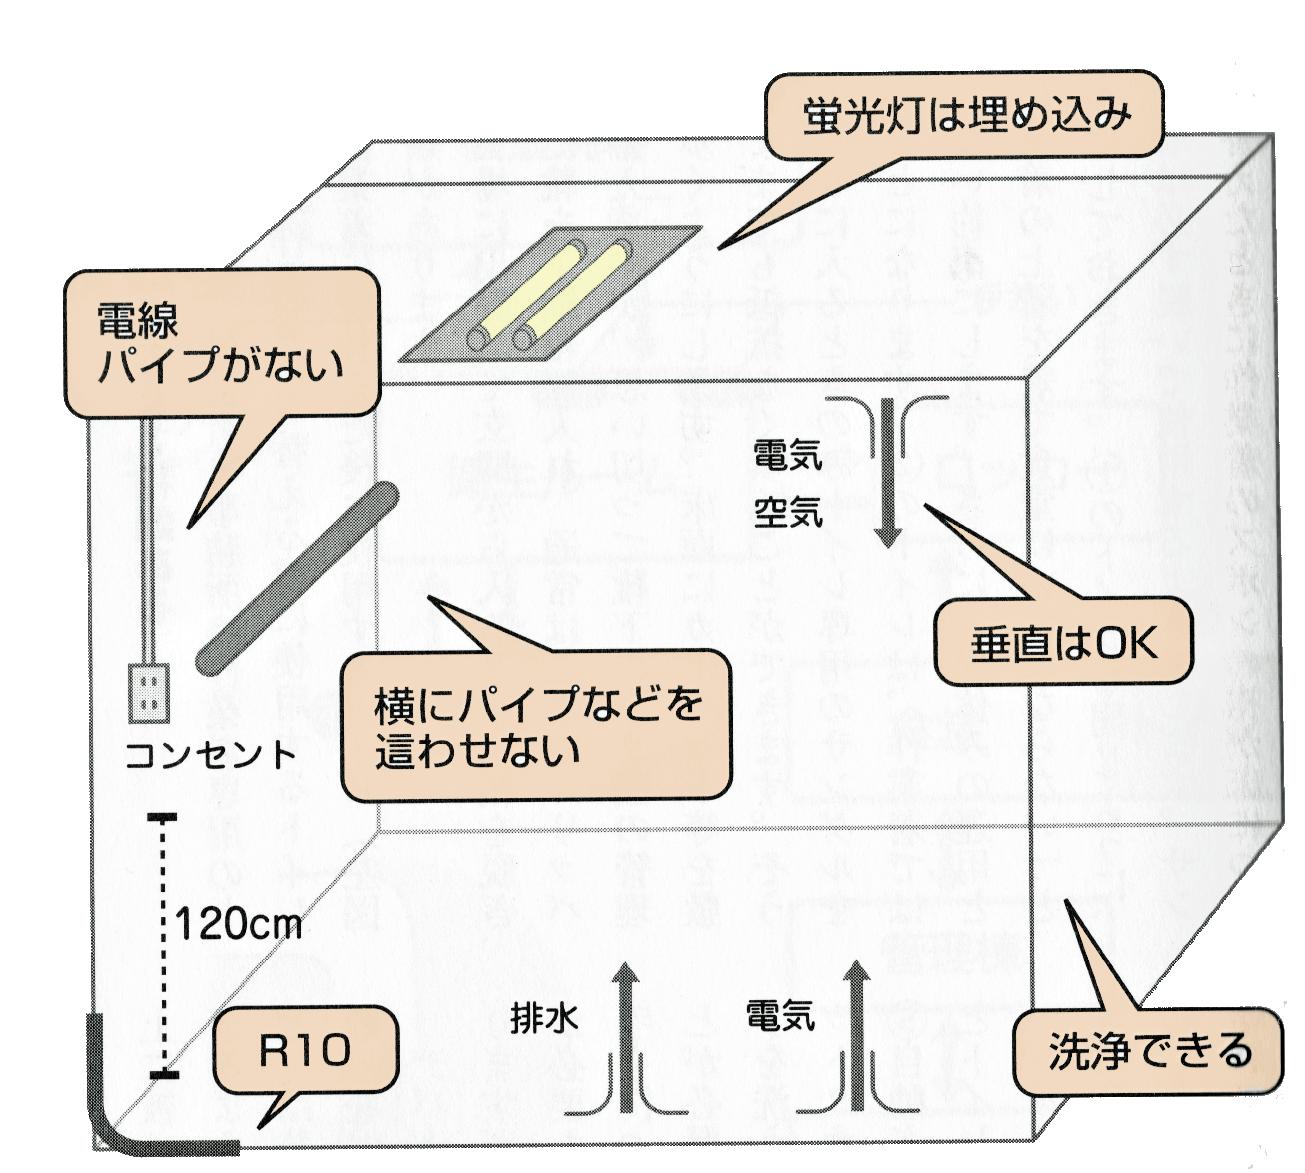 食品工場の床、壁、天井の仕上げ